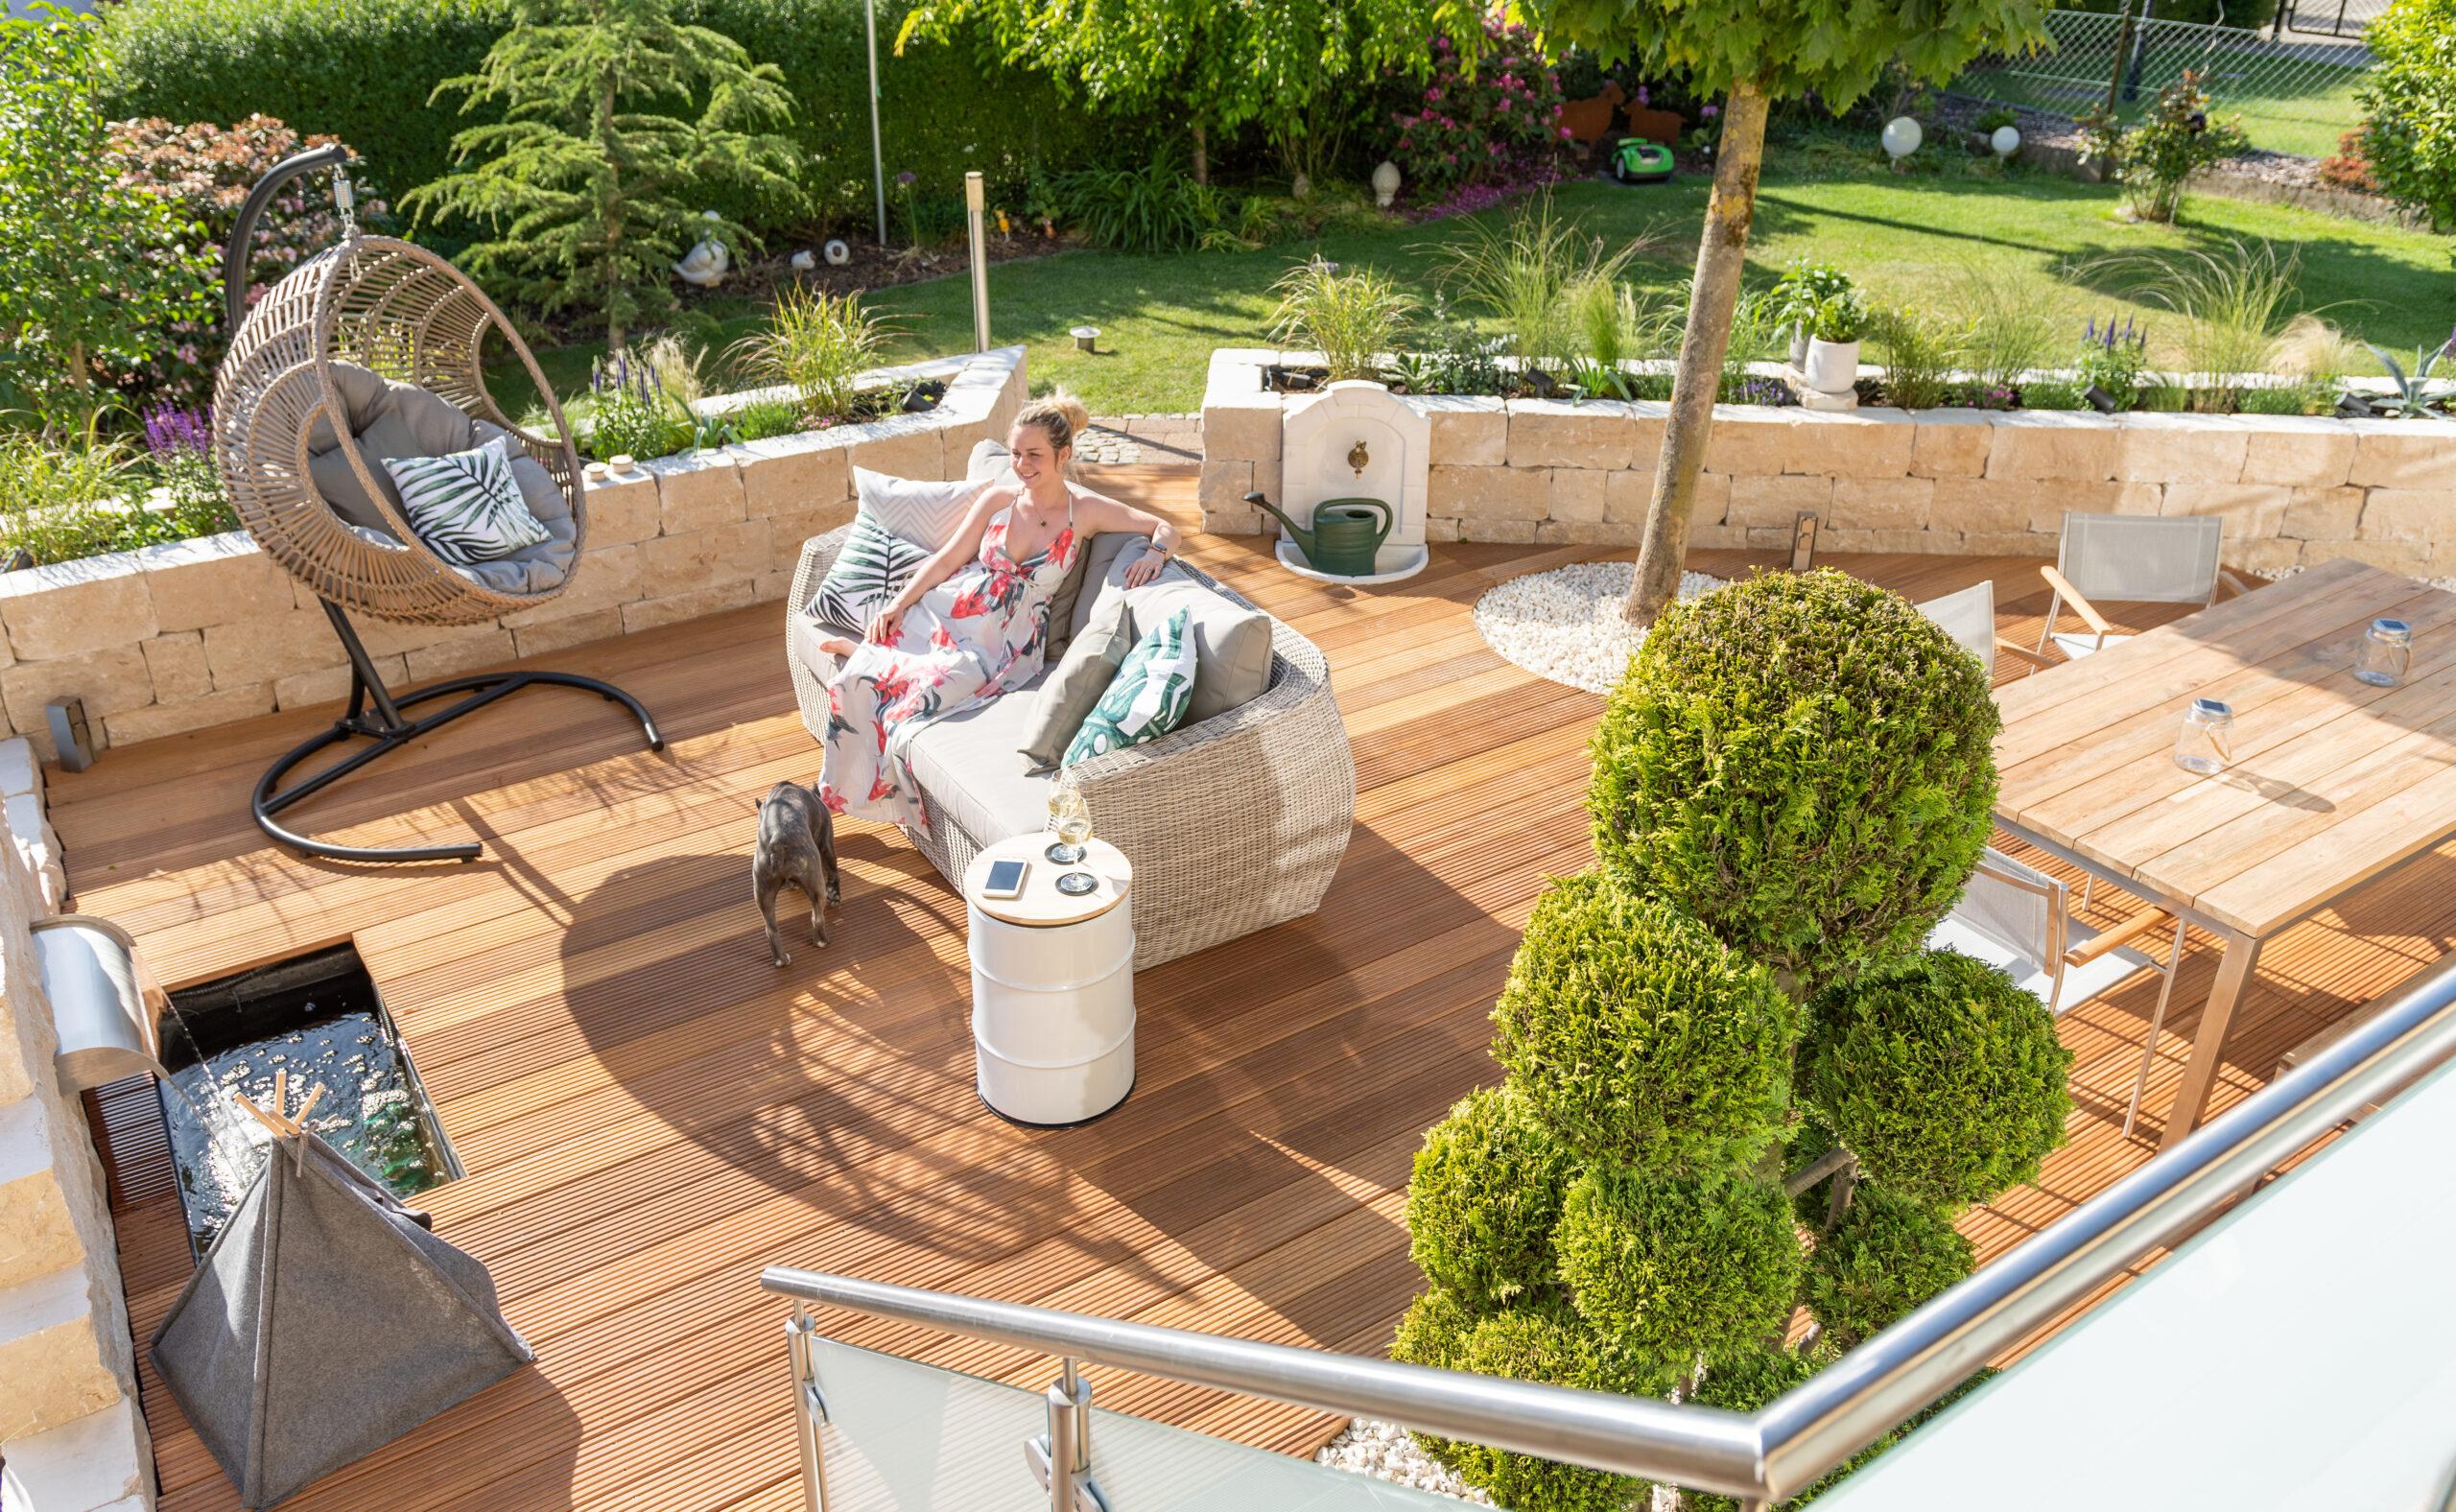 Teak-Gartenmöbel von AKS auf der Terrasse